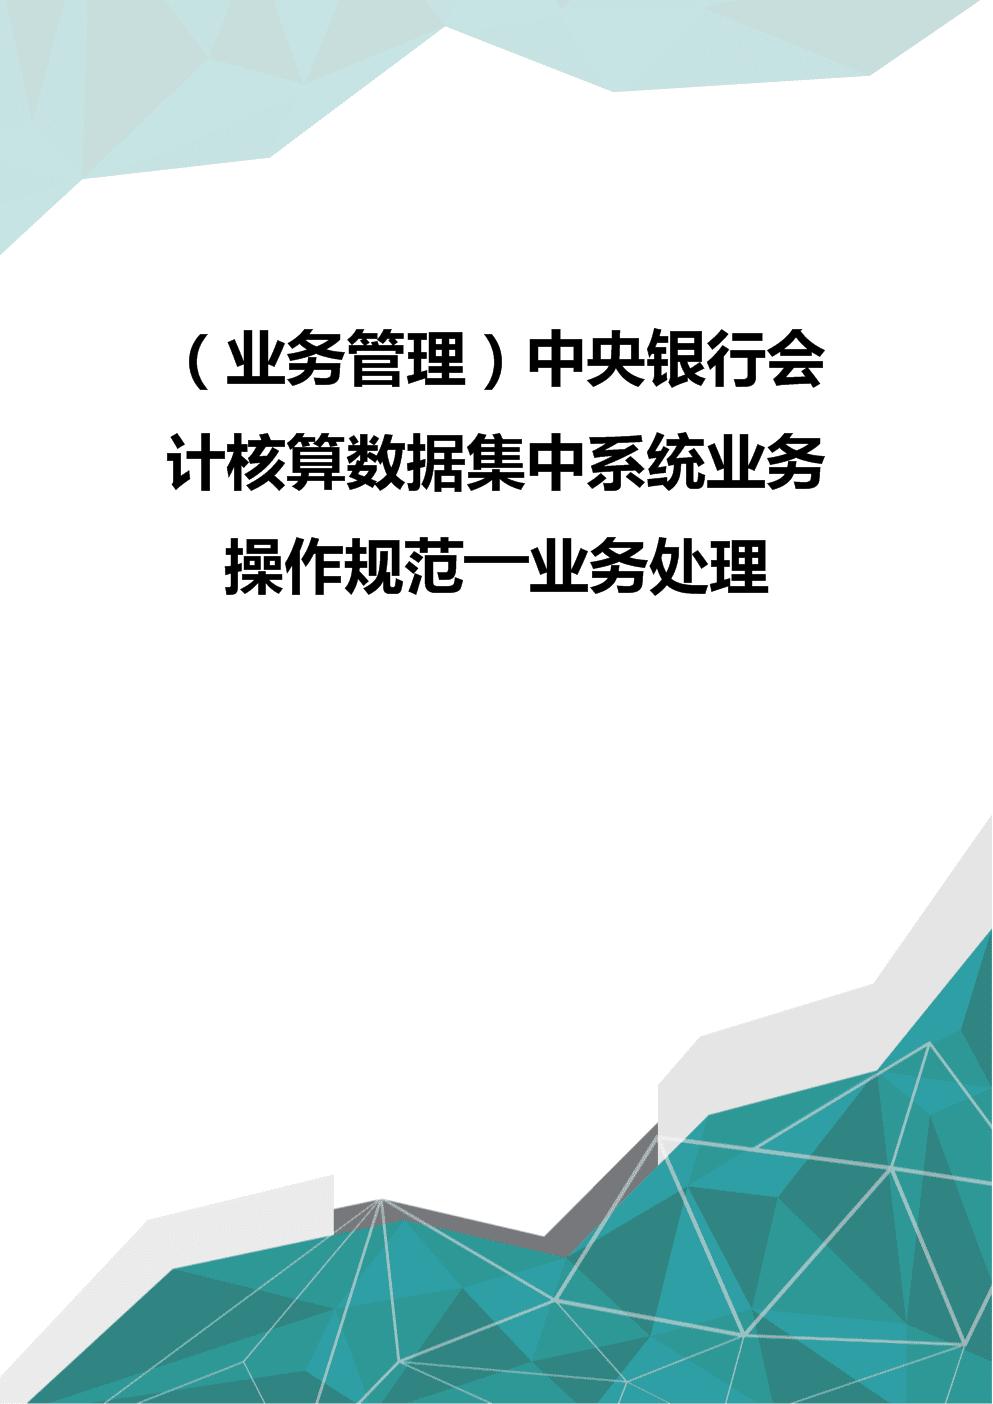 (优品)(业务管理)中央银行会计核算数据集中系统业务操作规范—业务处理(品质).doc